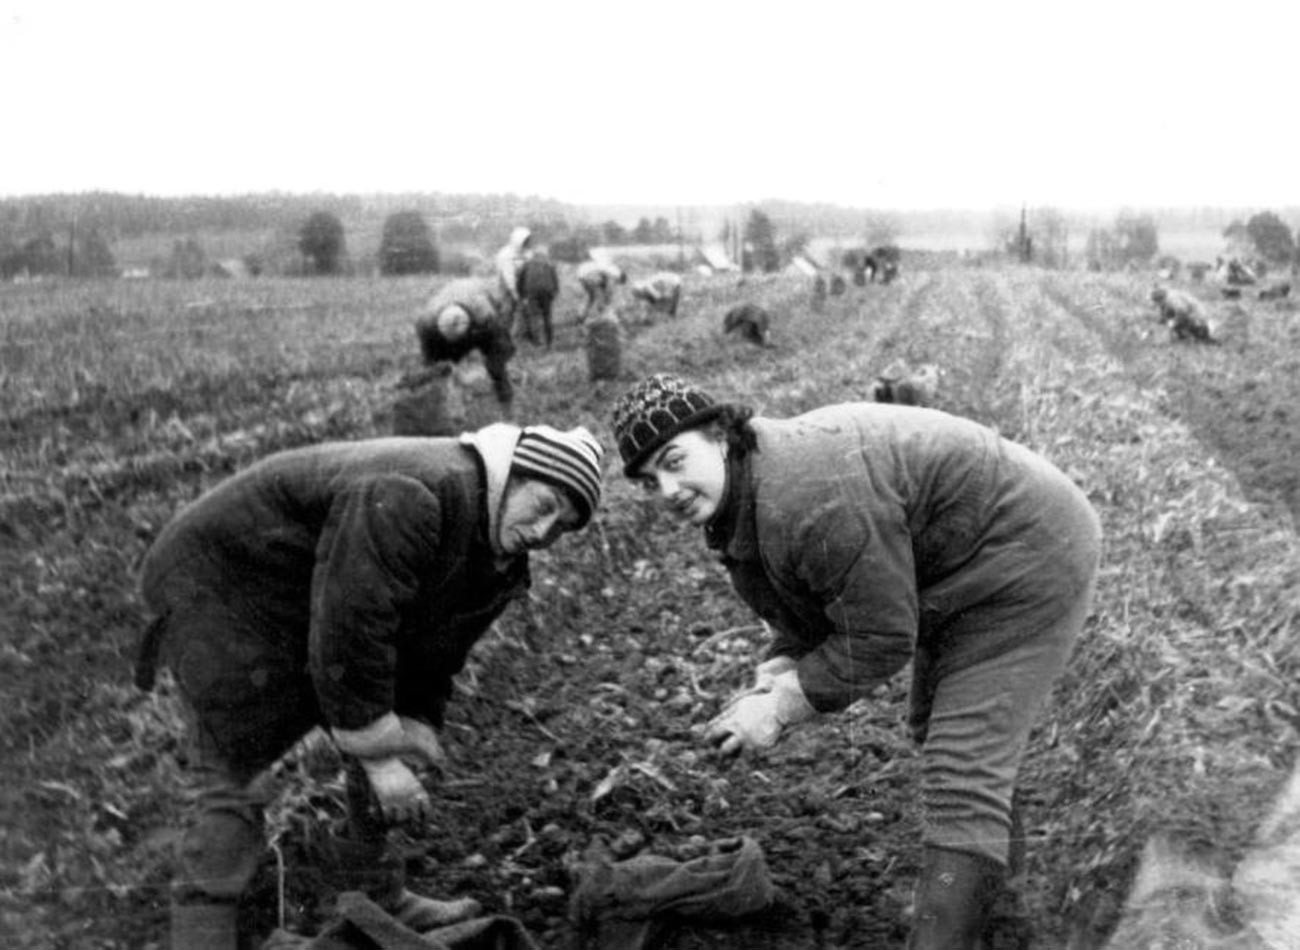 Studenti del Dipartimento di Biologia dell'Università Statale di Mosca raccolgono patate in un campo